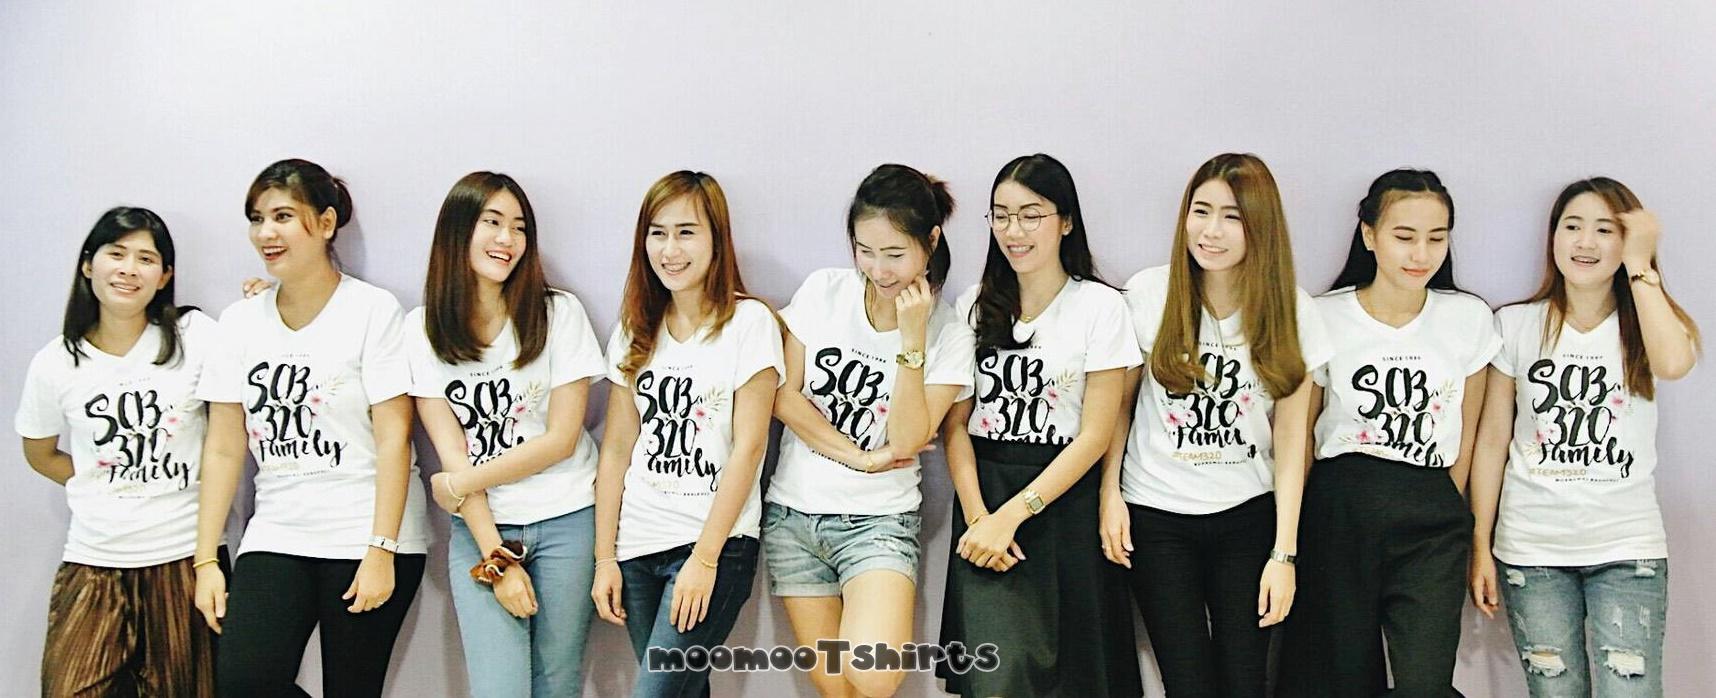 เสื้อยืดสีขาวพิมพ์ลายด้านหน้า จากลูกค้าธนาคารไทยพาณิชย์